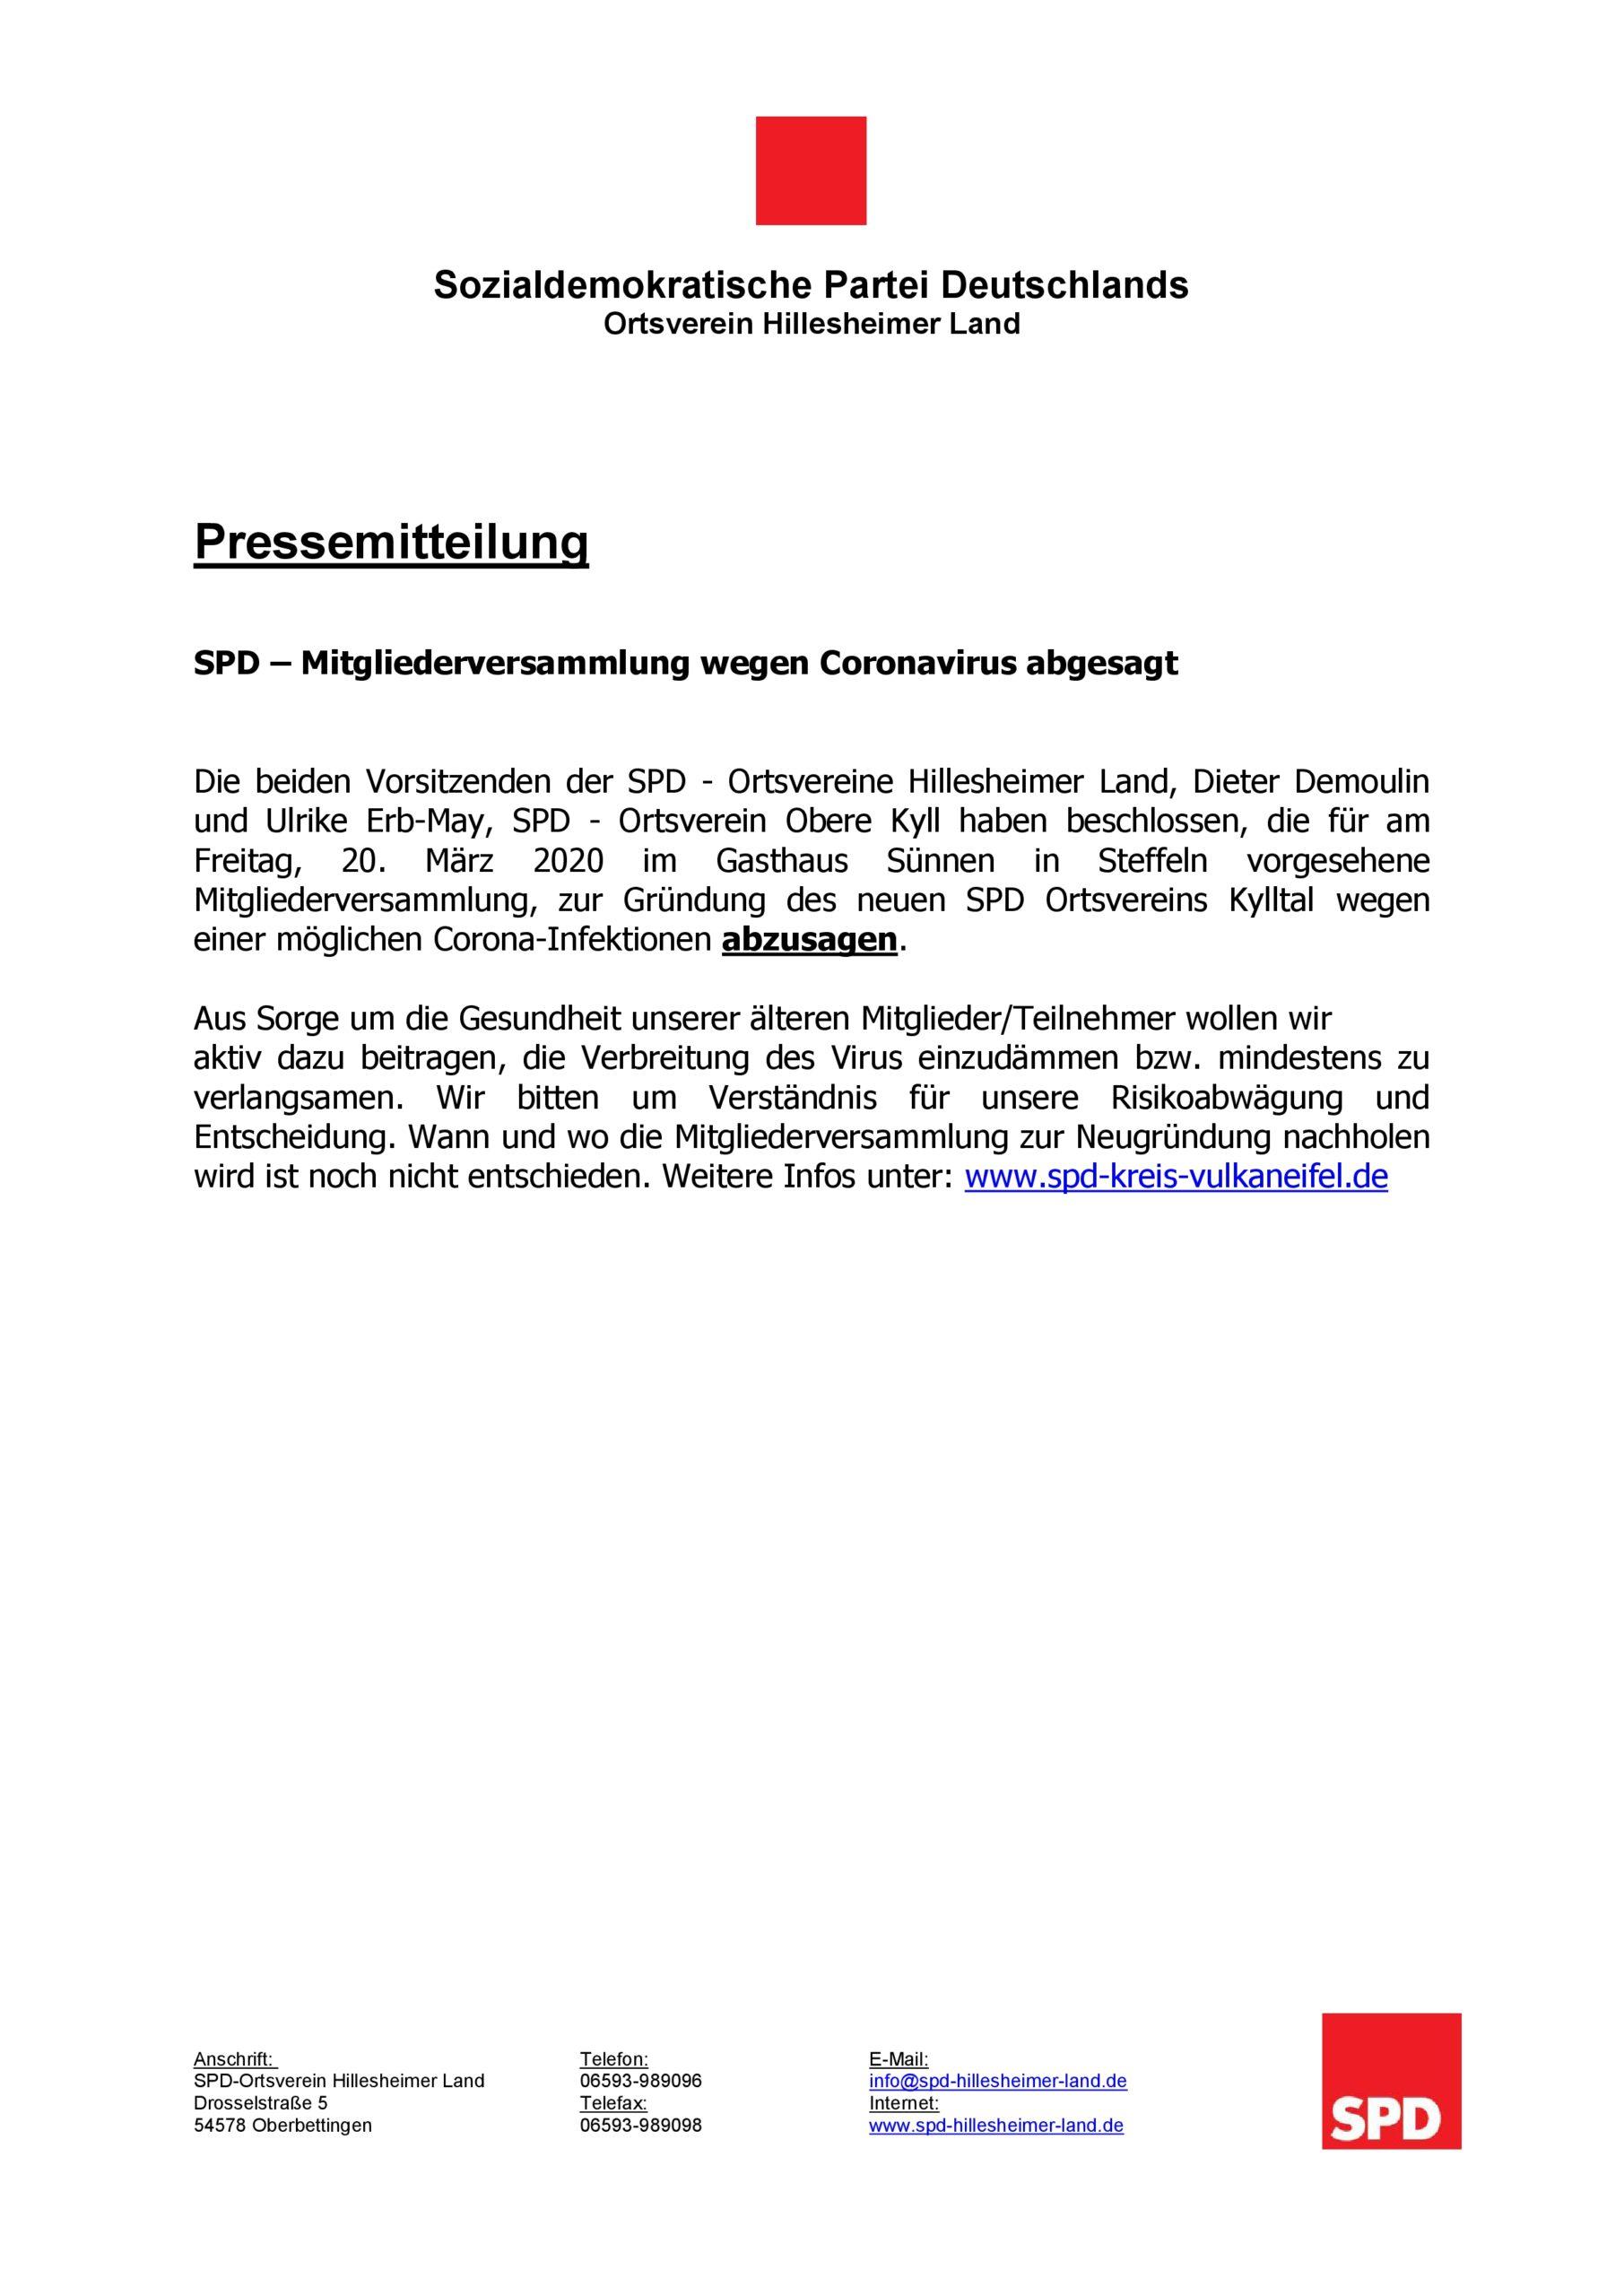 SPD - Pressemitteilung _ Absage der gemeinsamen Mitgliederversammlung 20.03.2020